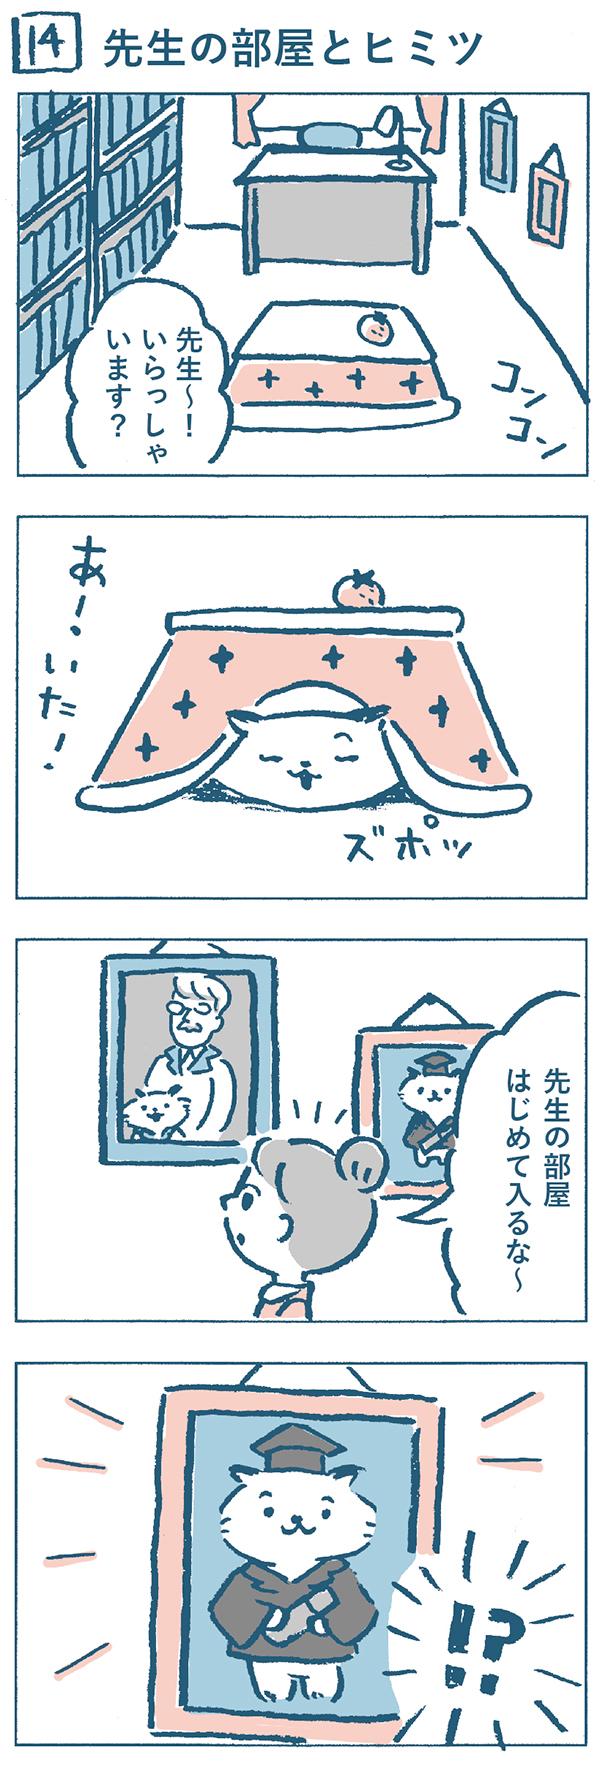 タイトル:先生の部屋とヒミツ。奈央子はねこやま先生を探して、先生の部屋を訪ねました。コンコンとノックをし、「先生~!いらっしゃいます?」と呼びかけると、こたつの中からねこやま先生がズポっと顔だけ覗かせました。「あ!いた!」と先生の部屋に入る奈央子。「先生の部屋、はじめて入るな~」と眺めていると、壁にかかっている写真に目が留まりました。そこには、アカデミックガウンを着たねこやま先生の写真があり、奈央子はびっくりしてしまいます。